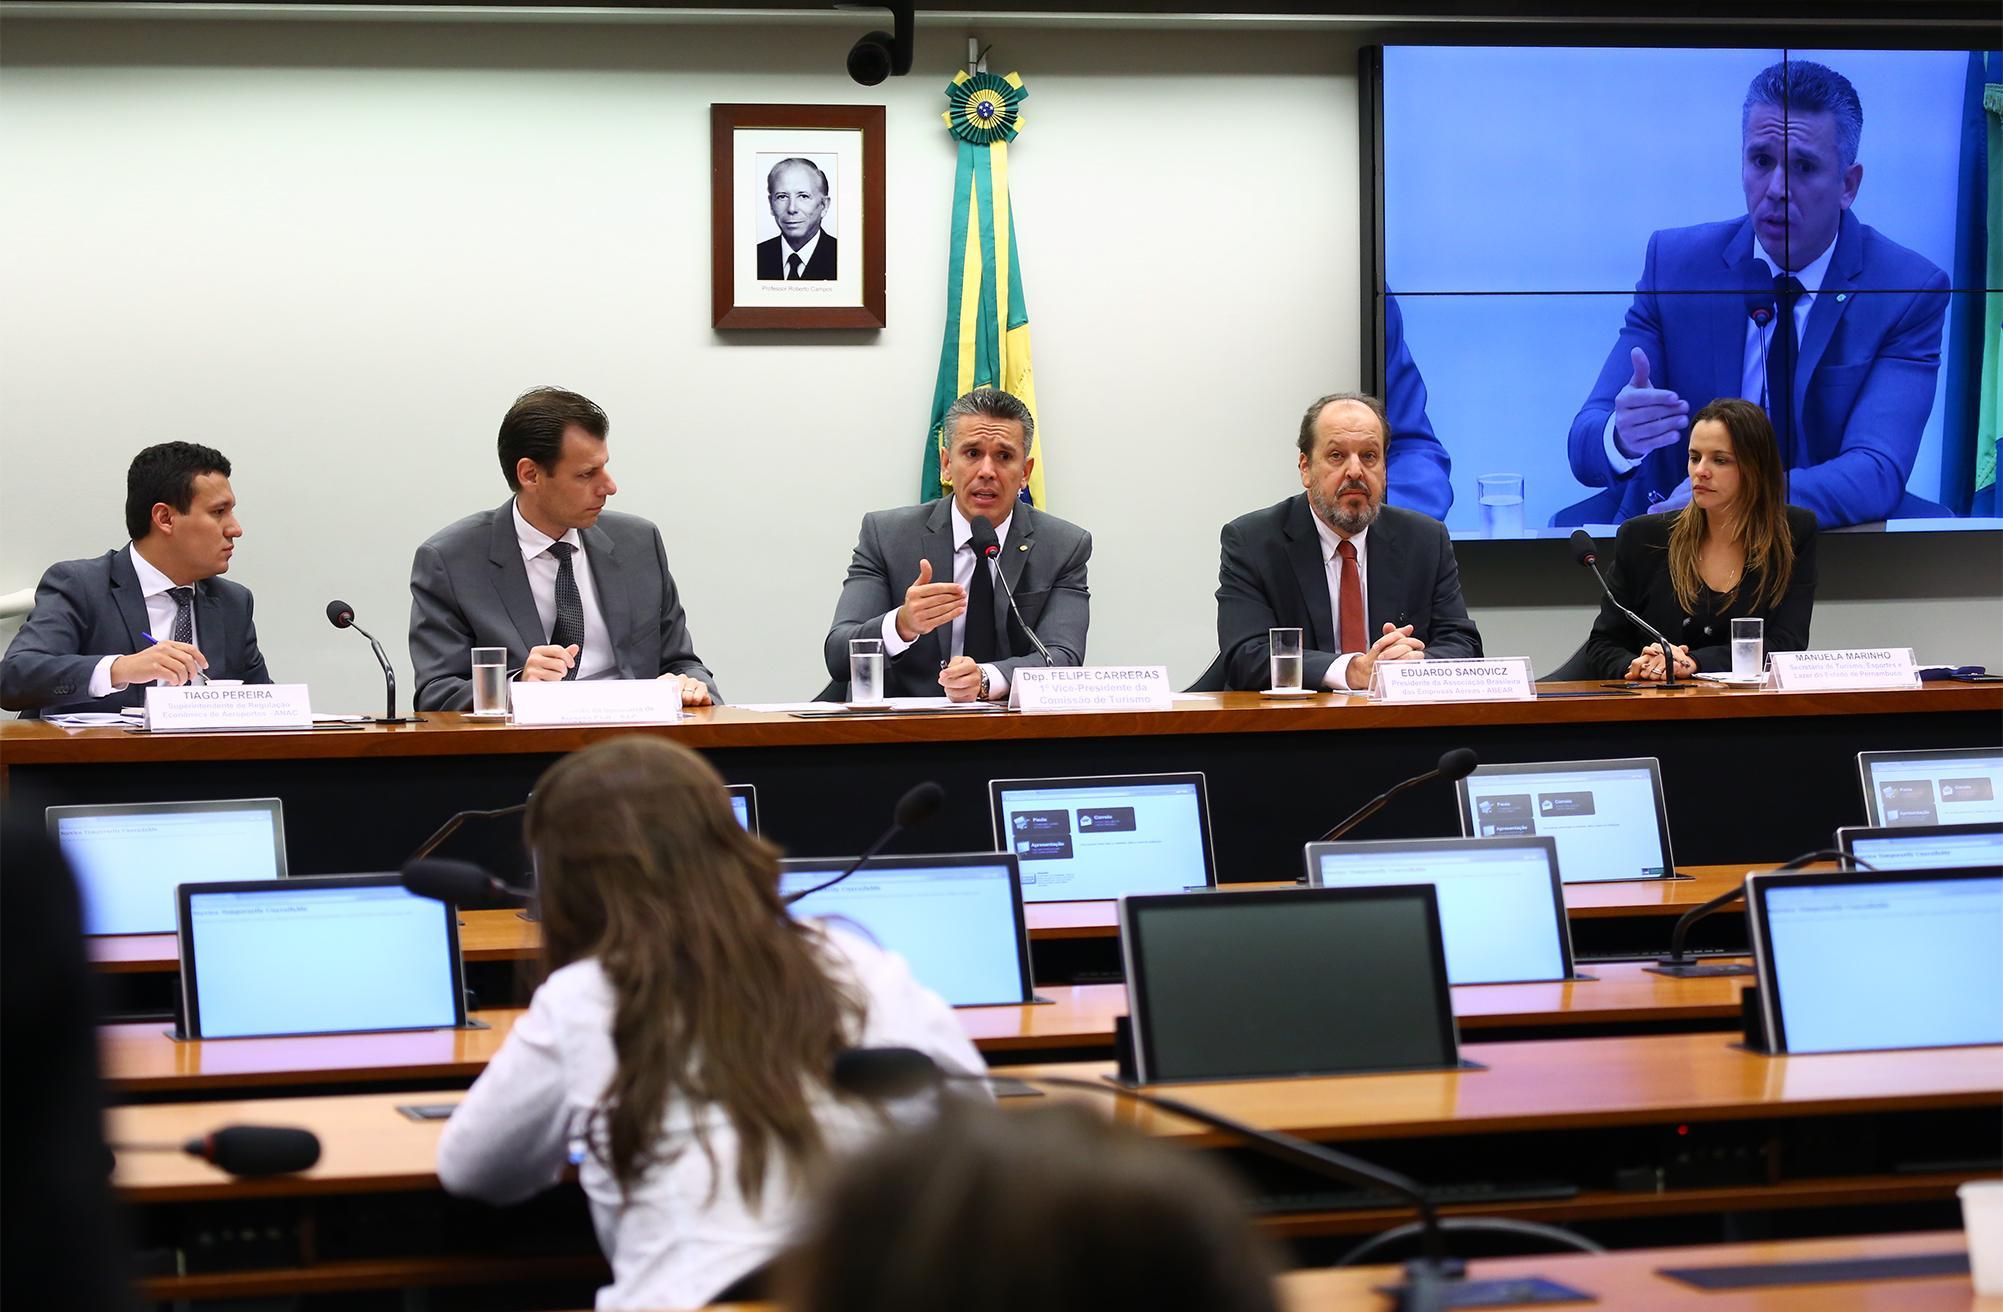 """Audiência pública sobre o """"Processo de concessão à iniciativa privada do Aeroporto Gilberto Freyre, em Recife, e do Aeroporto Zumbi dos Palmares, em Maceió"""""""